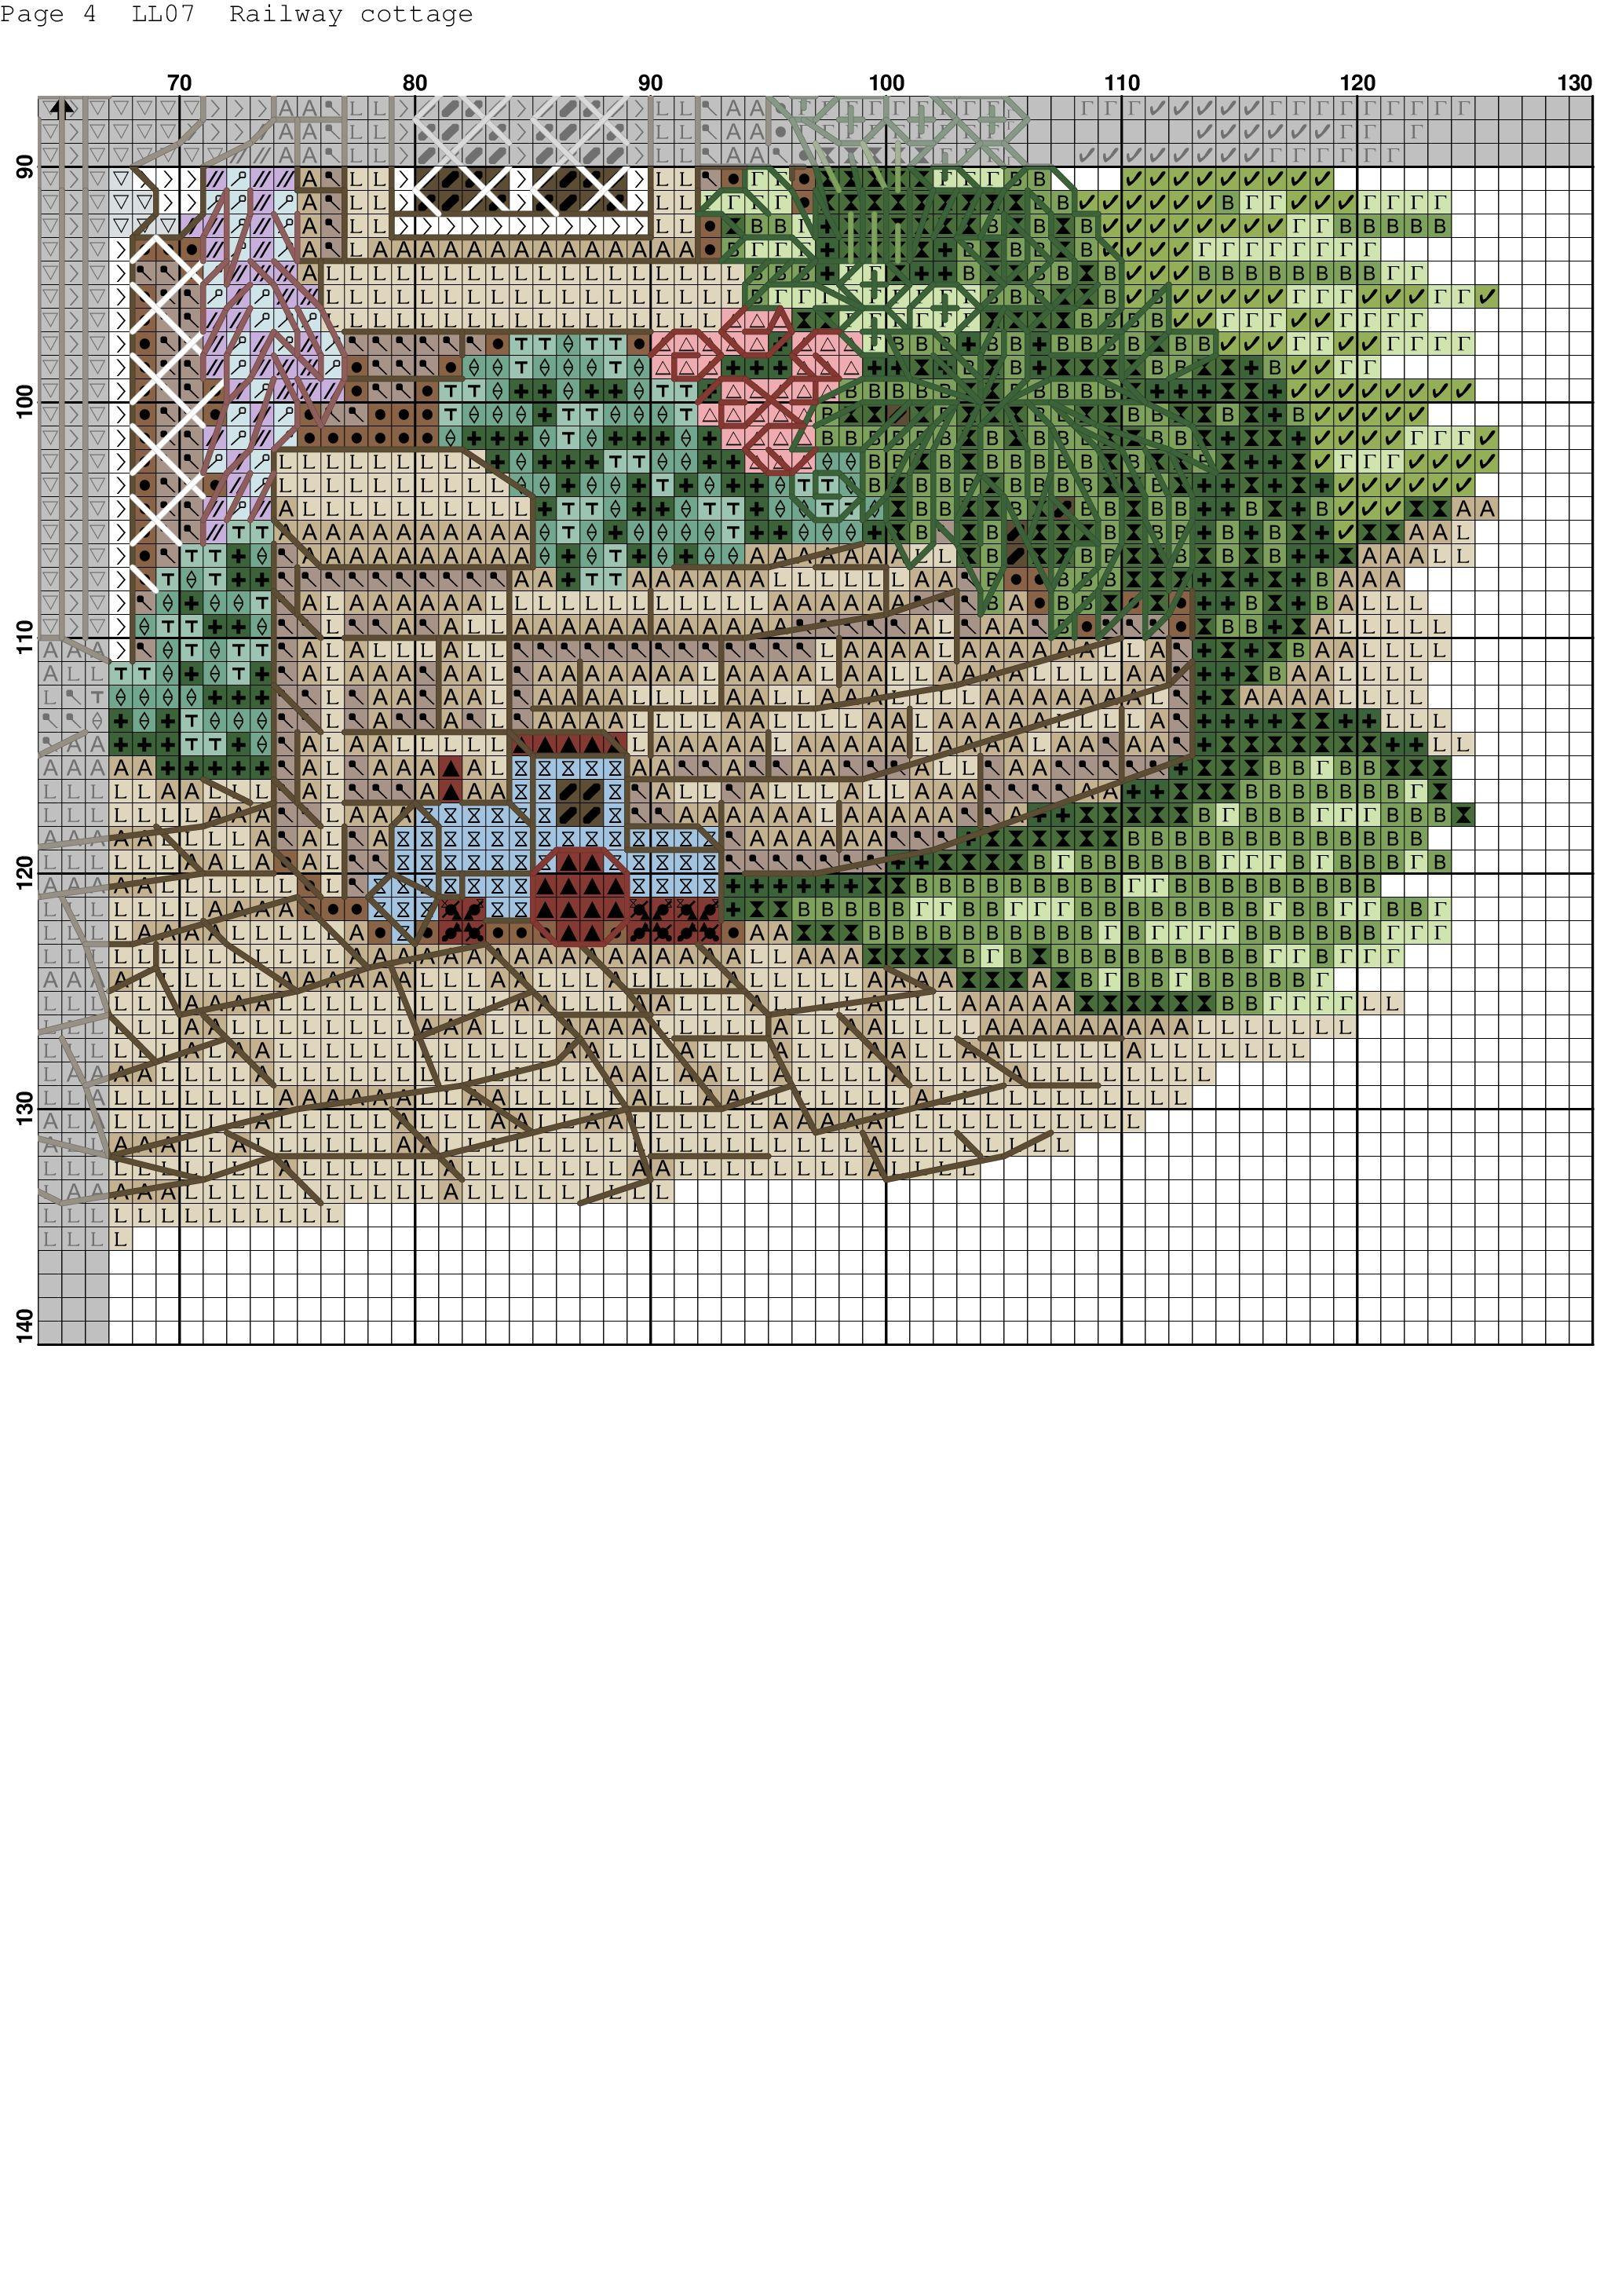 Railway_cottage-004.jpg 2,066×2,924 píxeles